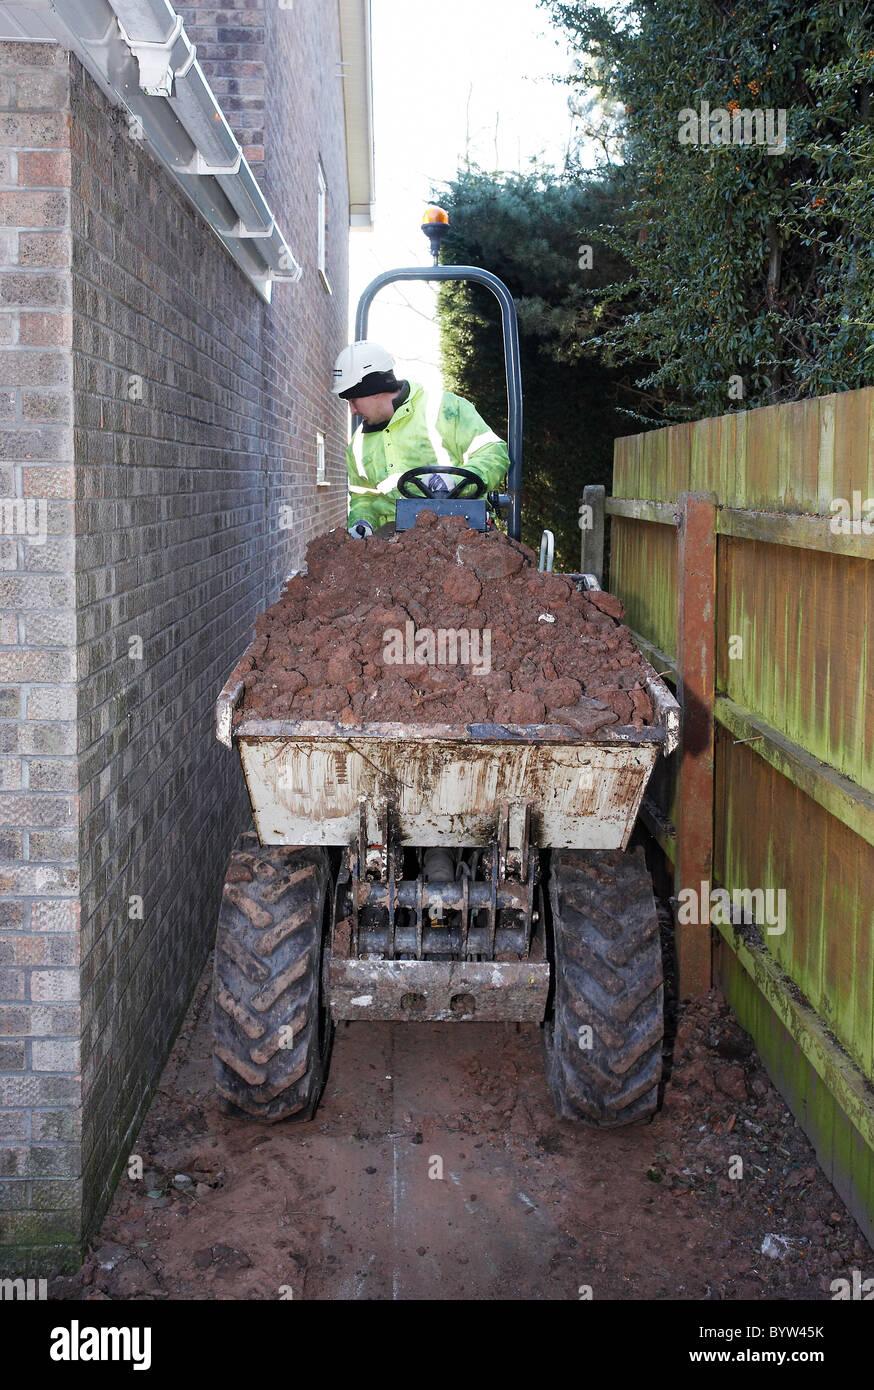 Man reversing a dump truck along side of house. - Stock Image